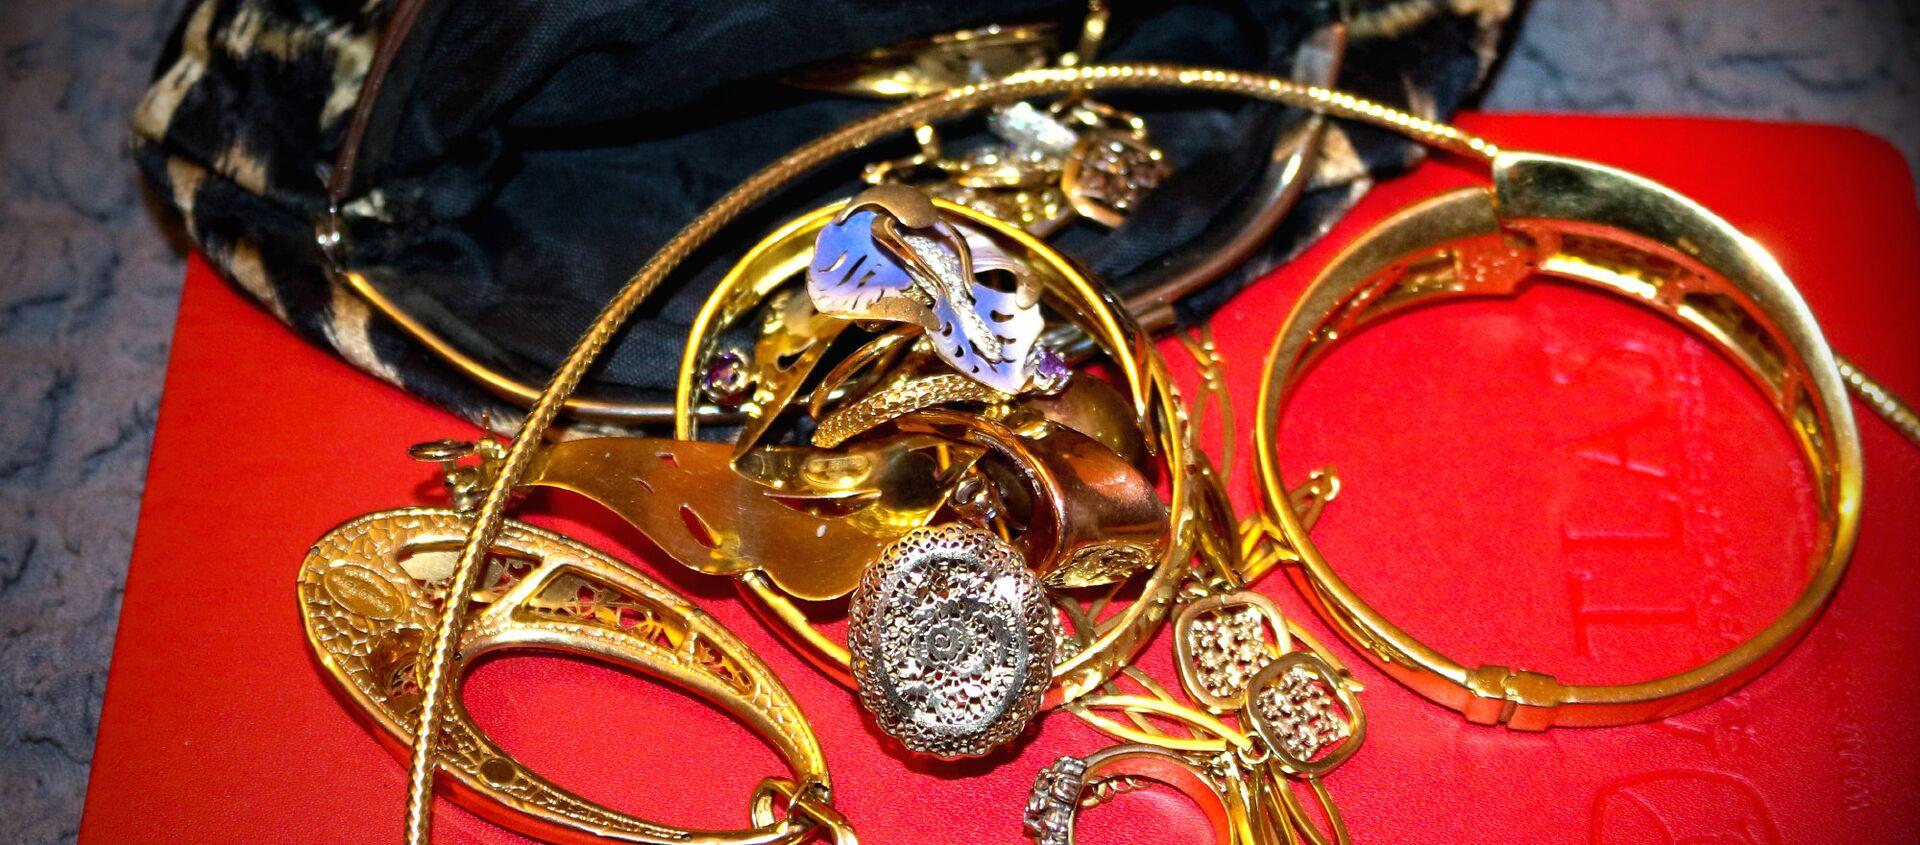 Золотые украшения, фото из архива - Sputnik Азербайджан, 1920, 28.01.2021